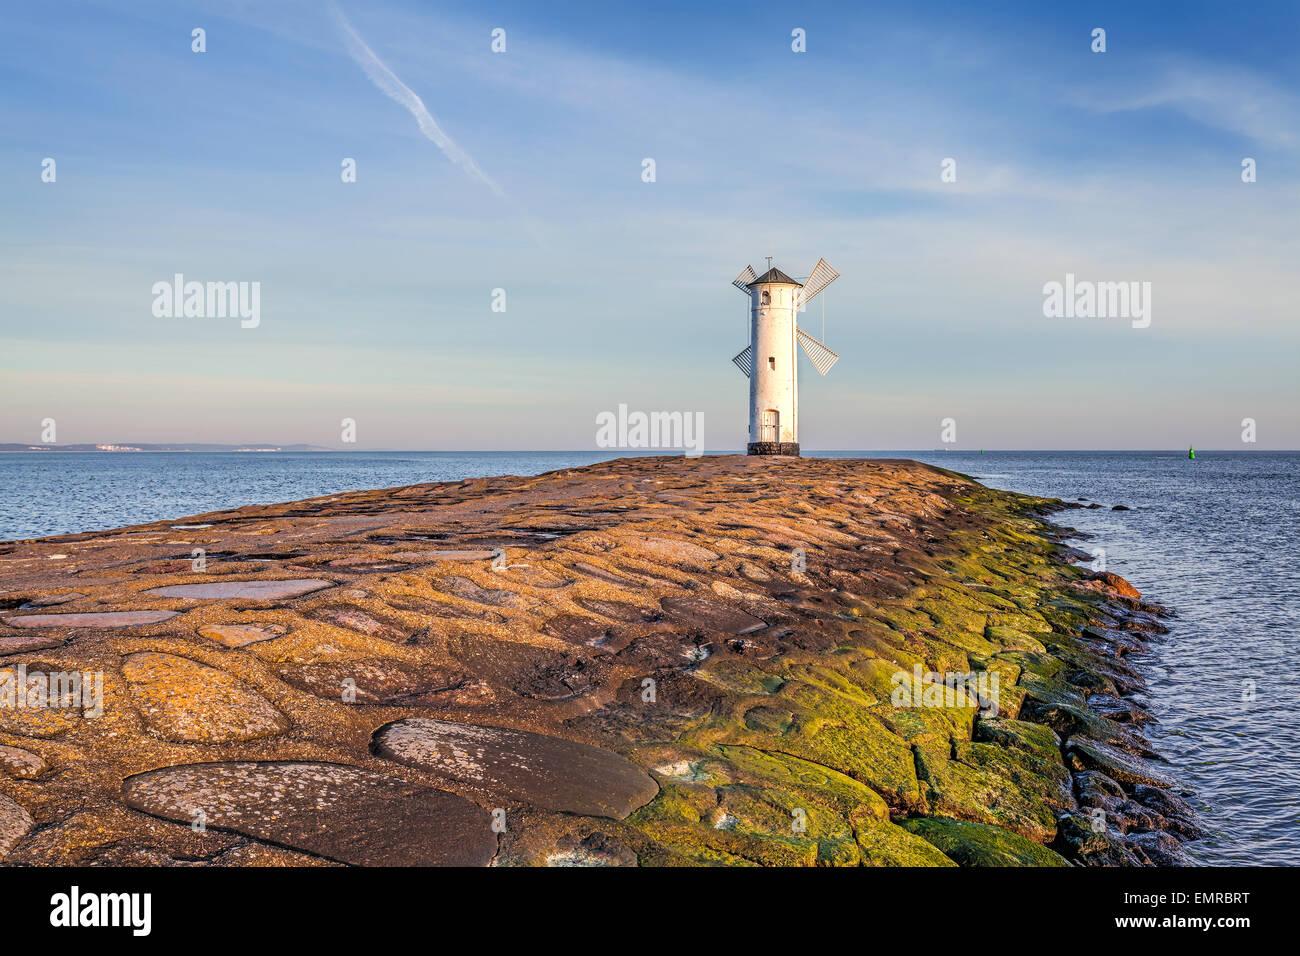 Lebendige Sonnenaufgang über Mole und Leuchtturm in Swinoujscie, Polen. Stockbild